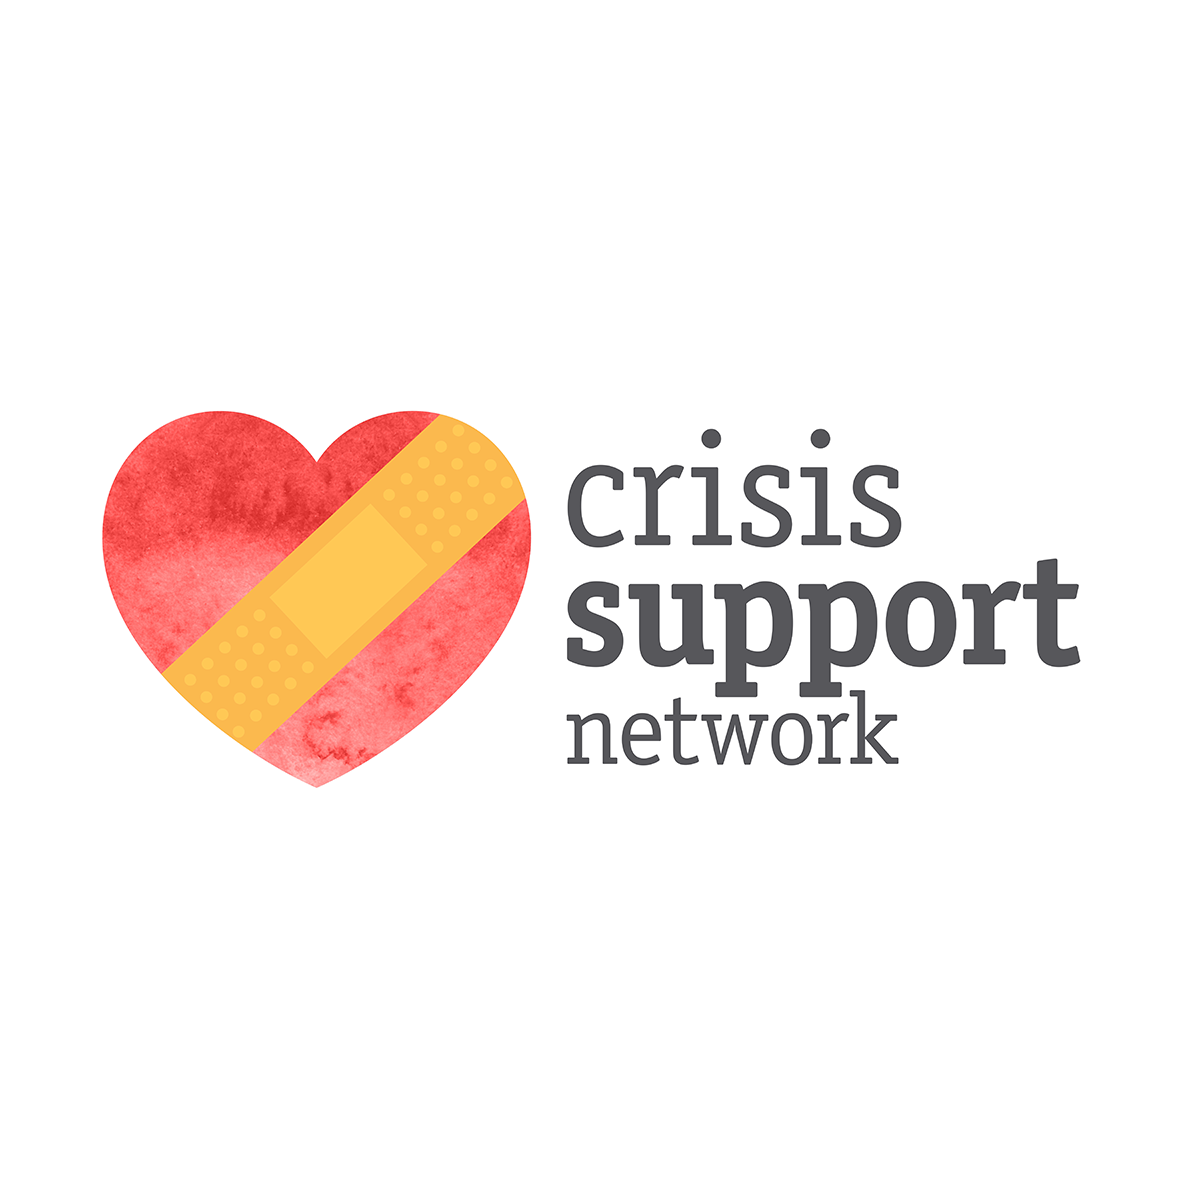 CrisisSupportNetwork_Logo.png